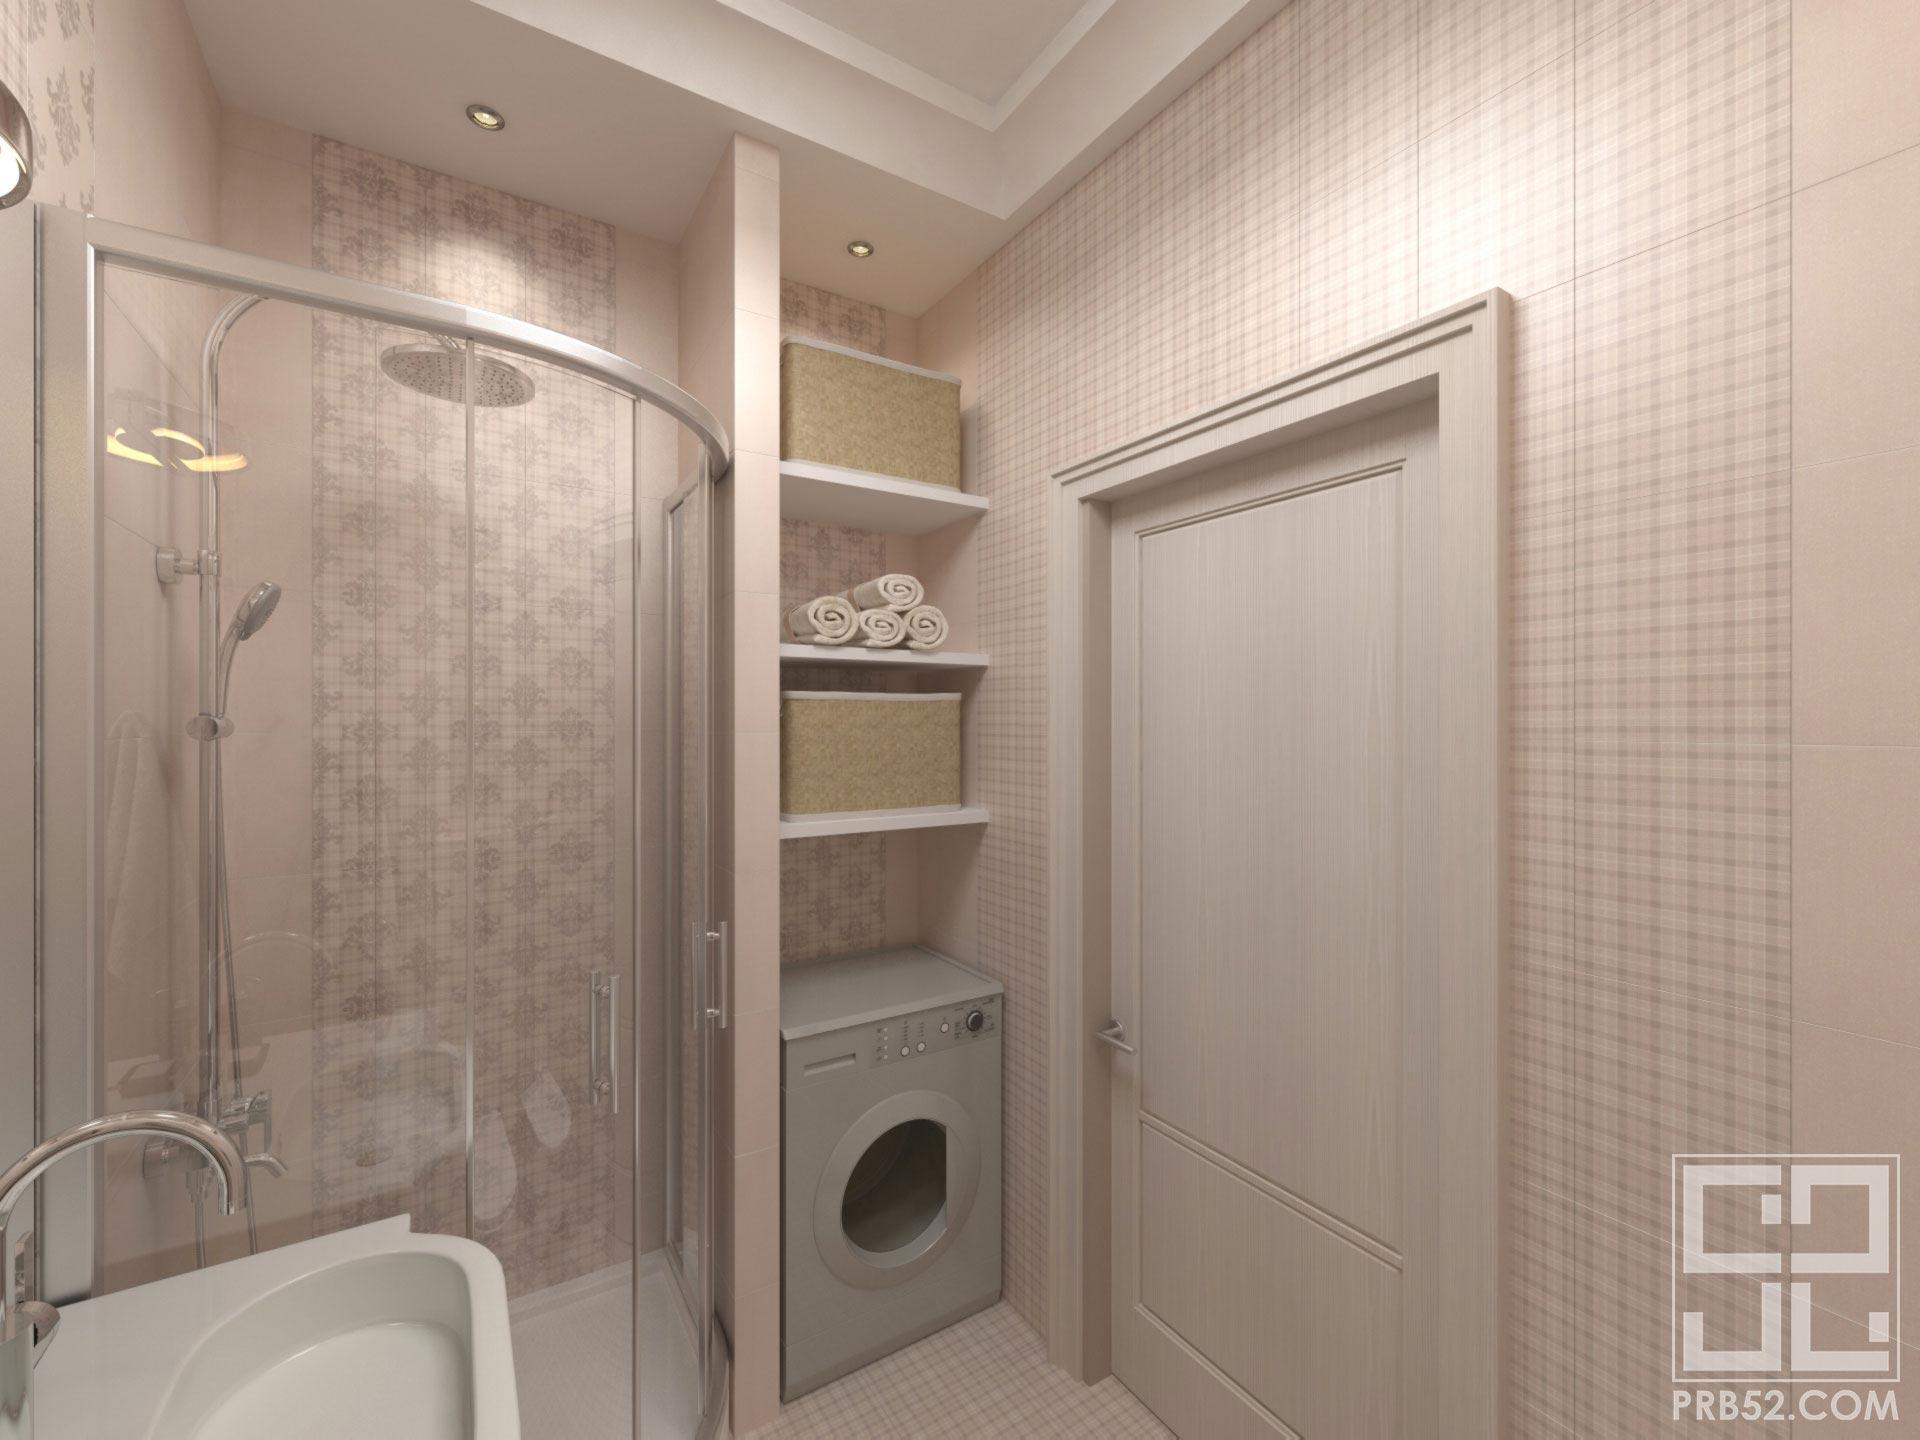 дизайн интерьера ванной с душевой